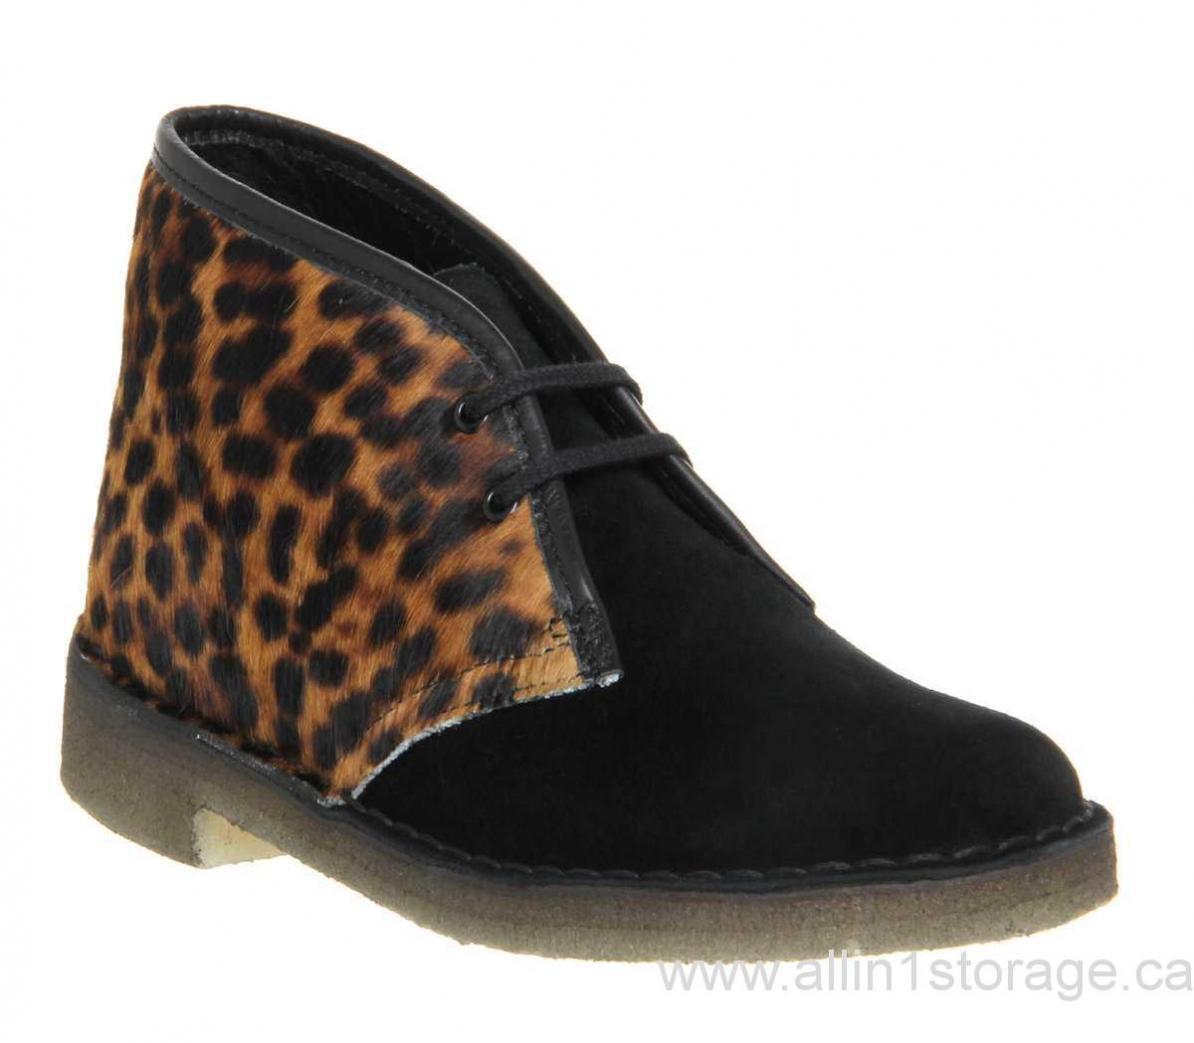 botas Clarks ORIGINALS Mujer  Desierto Animal Estampado De Leopardo Leopardo Leopardo  Reino Unido 3.4, 5,6,7,8 C  ventas en linea